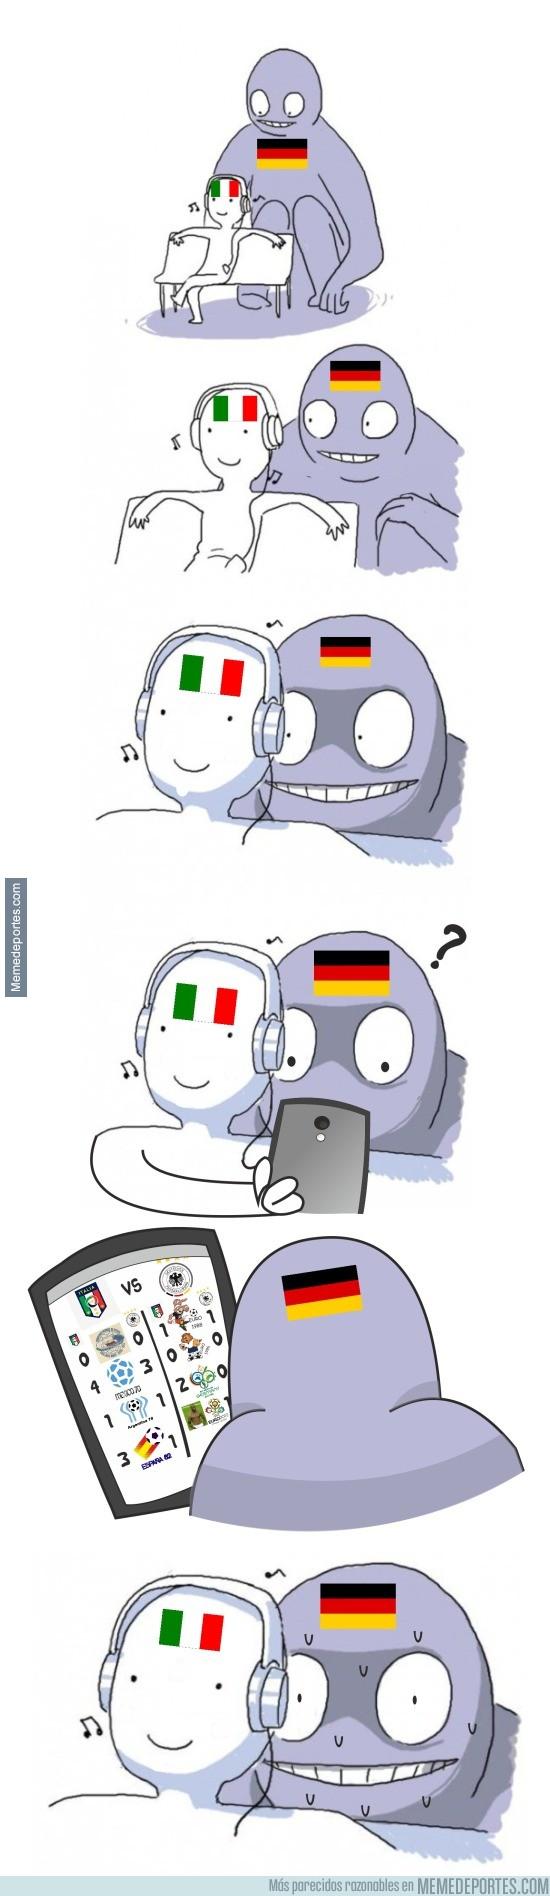 883260 - Alemania, el Coco que tiene a Italia como Coco